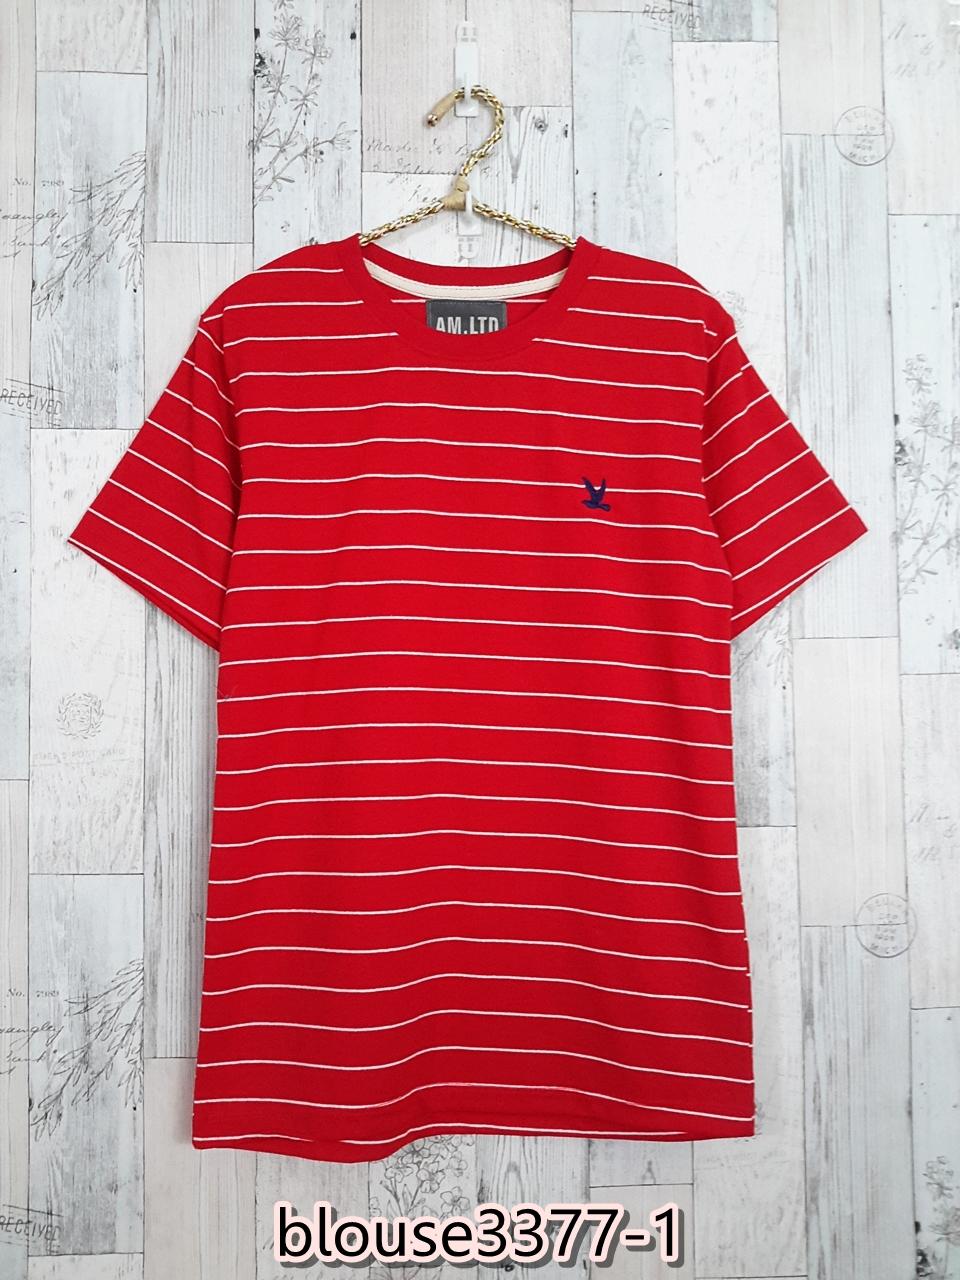 blouse3377-1 เสื้อยืดแฟชั่น อกปักรูปนกสไตล์ CC-OO ผ้าคอตตอนยืดเนื้อนิ่มลายริ้ว สีแดง Size M